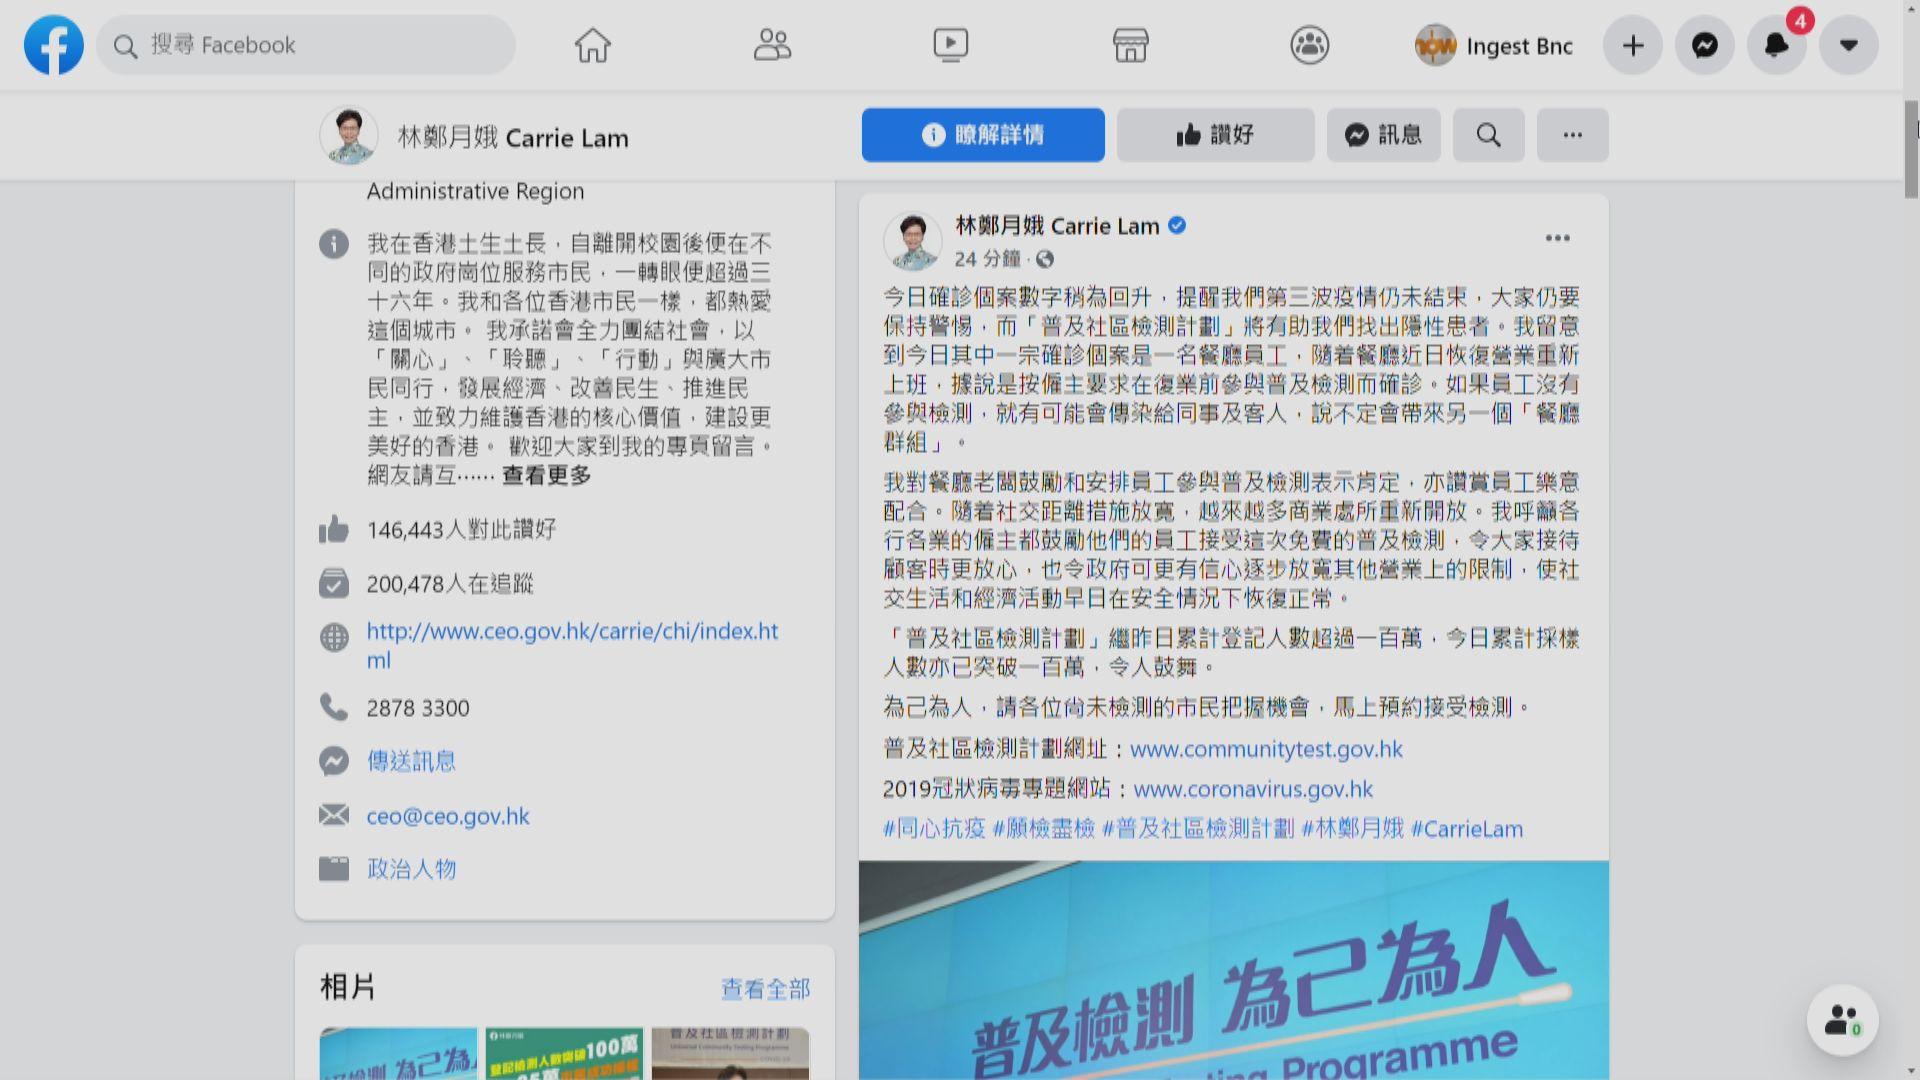 林鄭月娥呼籲僱主鼓勵員工參與檢測